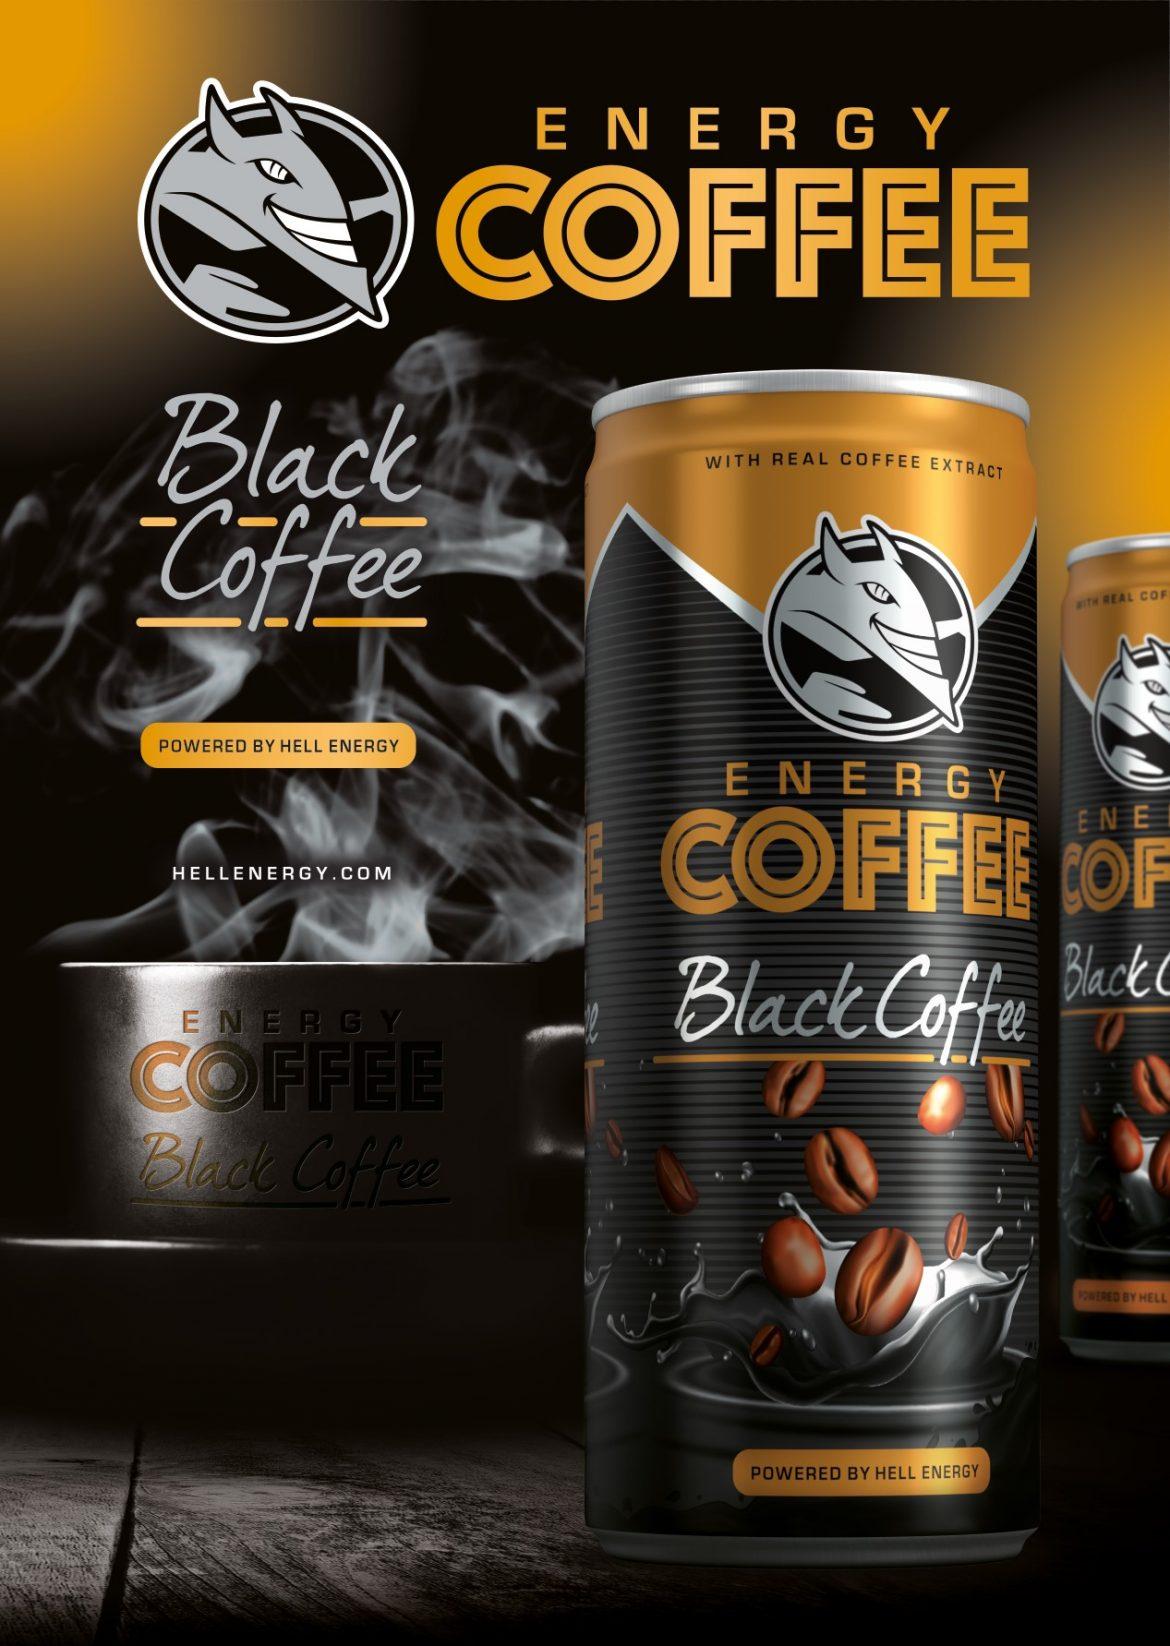 Η HELL ENERGY παρουσιάζει τη νέα γεύση ENERGY COFFEE Black Coffee αποκλειστικά για την ελληνική αγορά